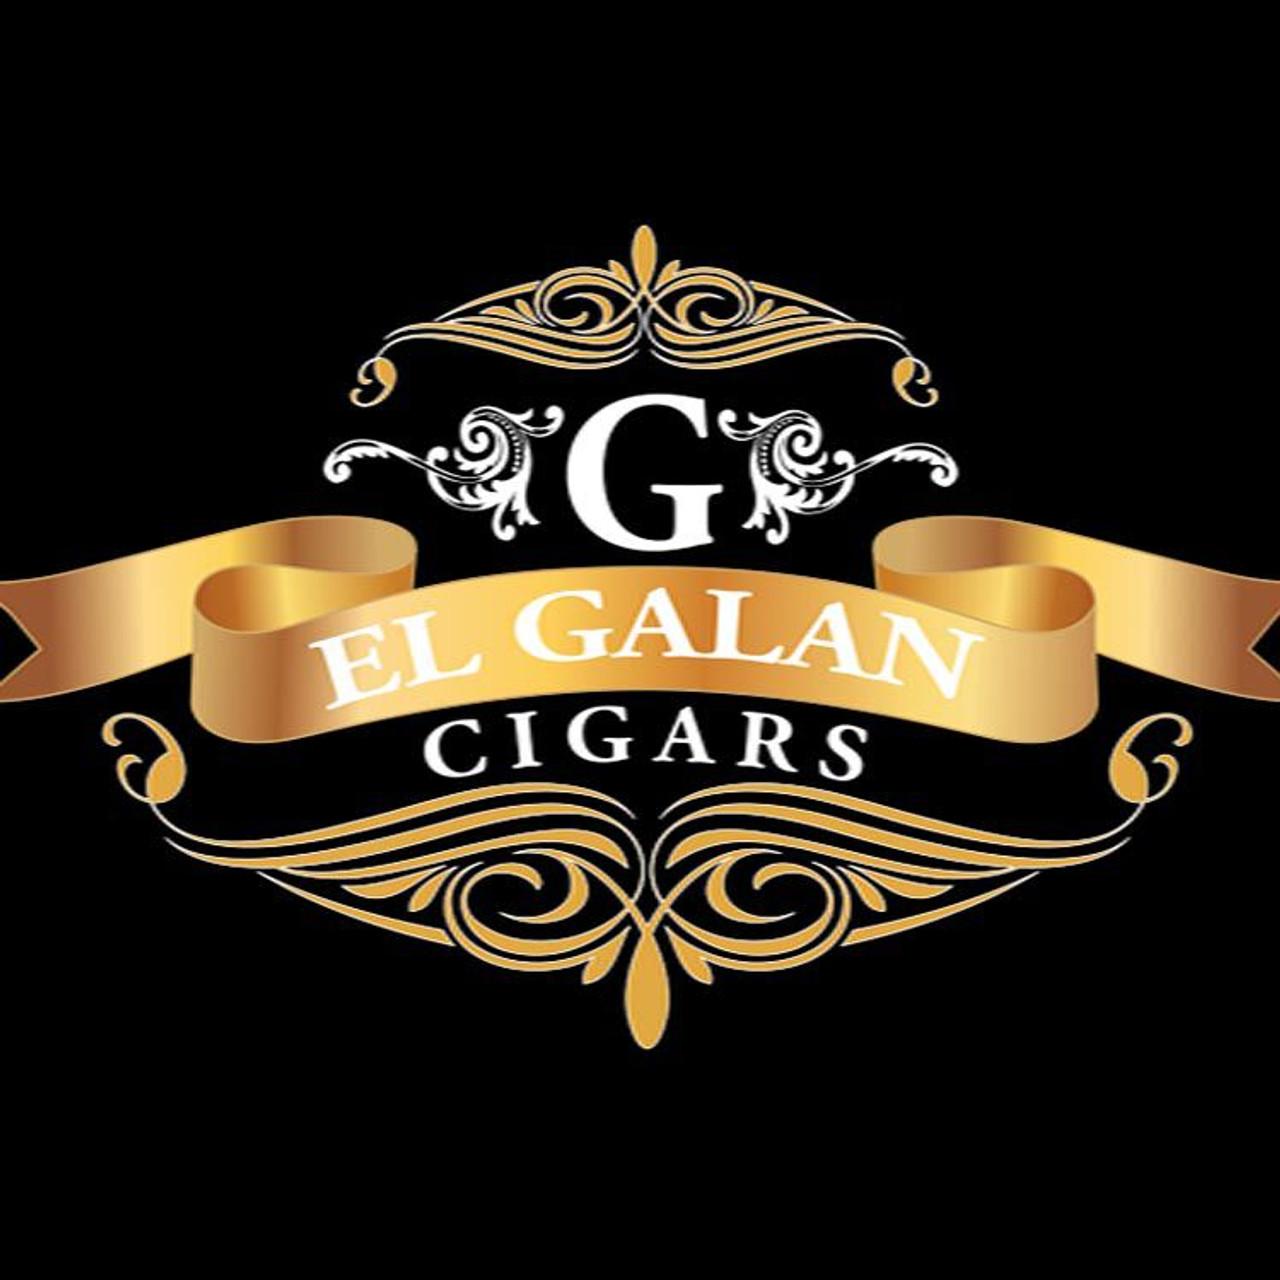 El Galan Campechano Churchill Maduro Cigars - 7 x 50 (Pack of 5)